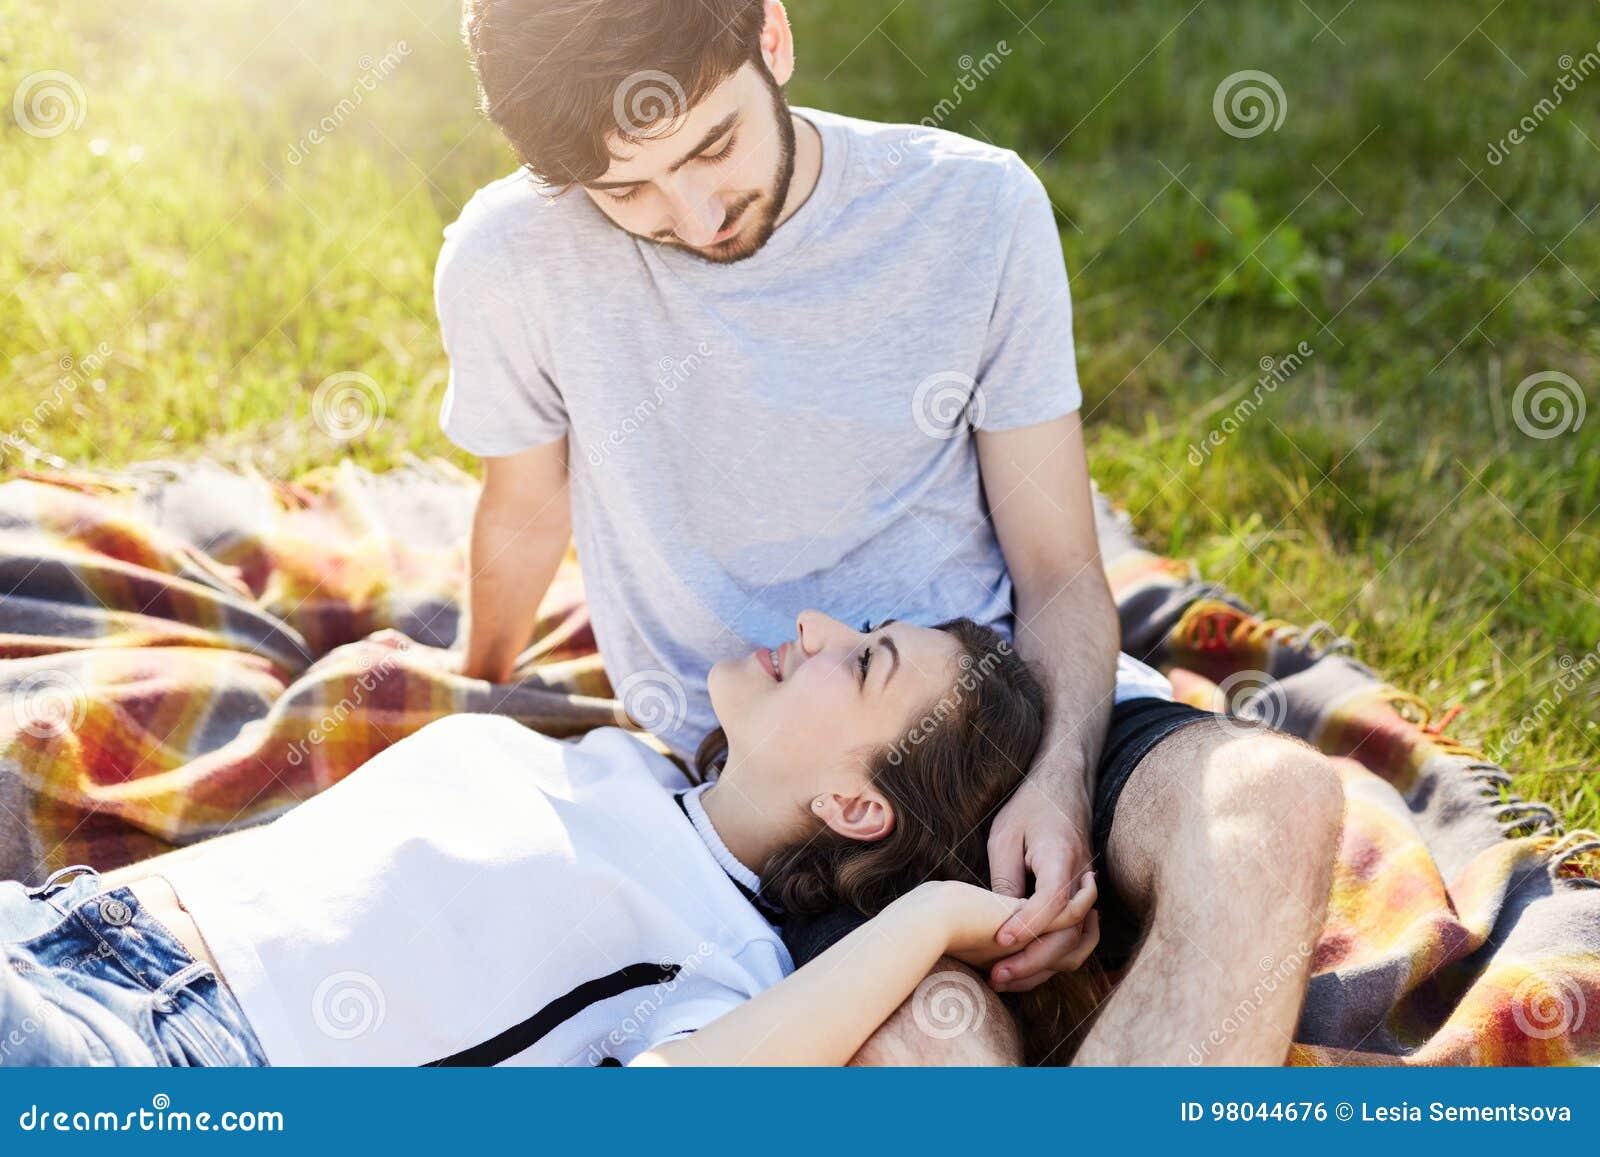 假日、假期、爱和友谊概念 在一起基于草甸绿草的爱的夫妇,看在e